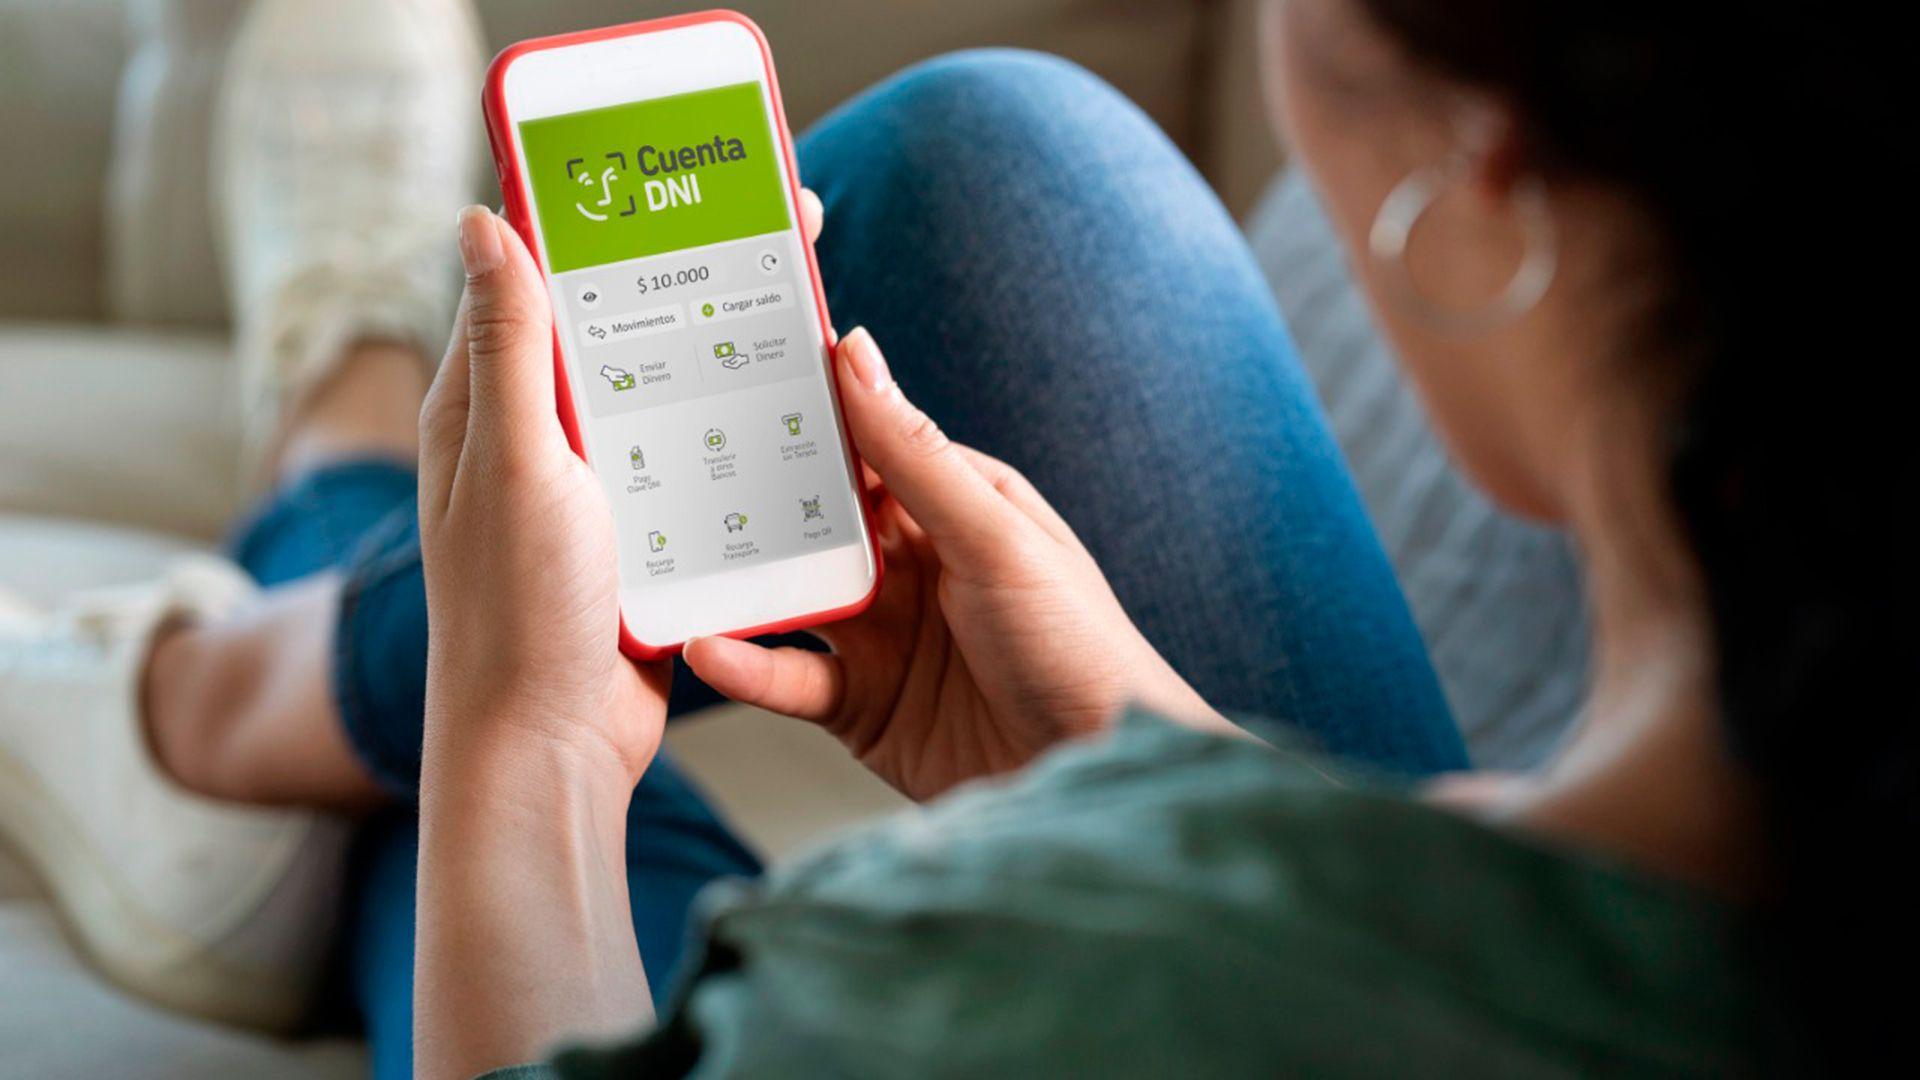 """Los beneficiarios que cobren mediante la billetera virtual del BAPRO, deberán descargar previamente la aplicación """"Cuenta DNI"""" de la entidad de forma gratuita en Google Play Store desde un celular """"Smartphone""""."""